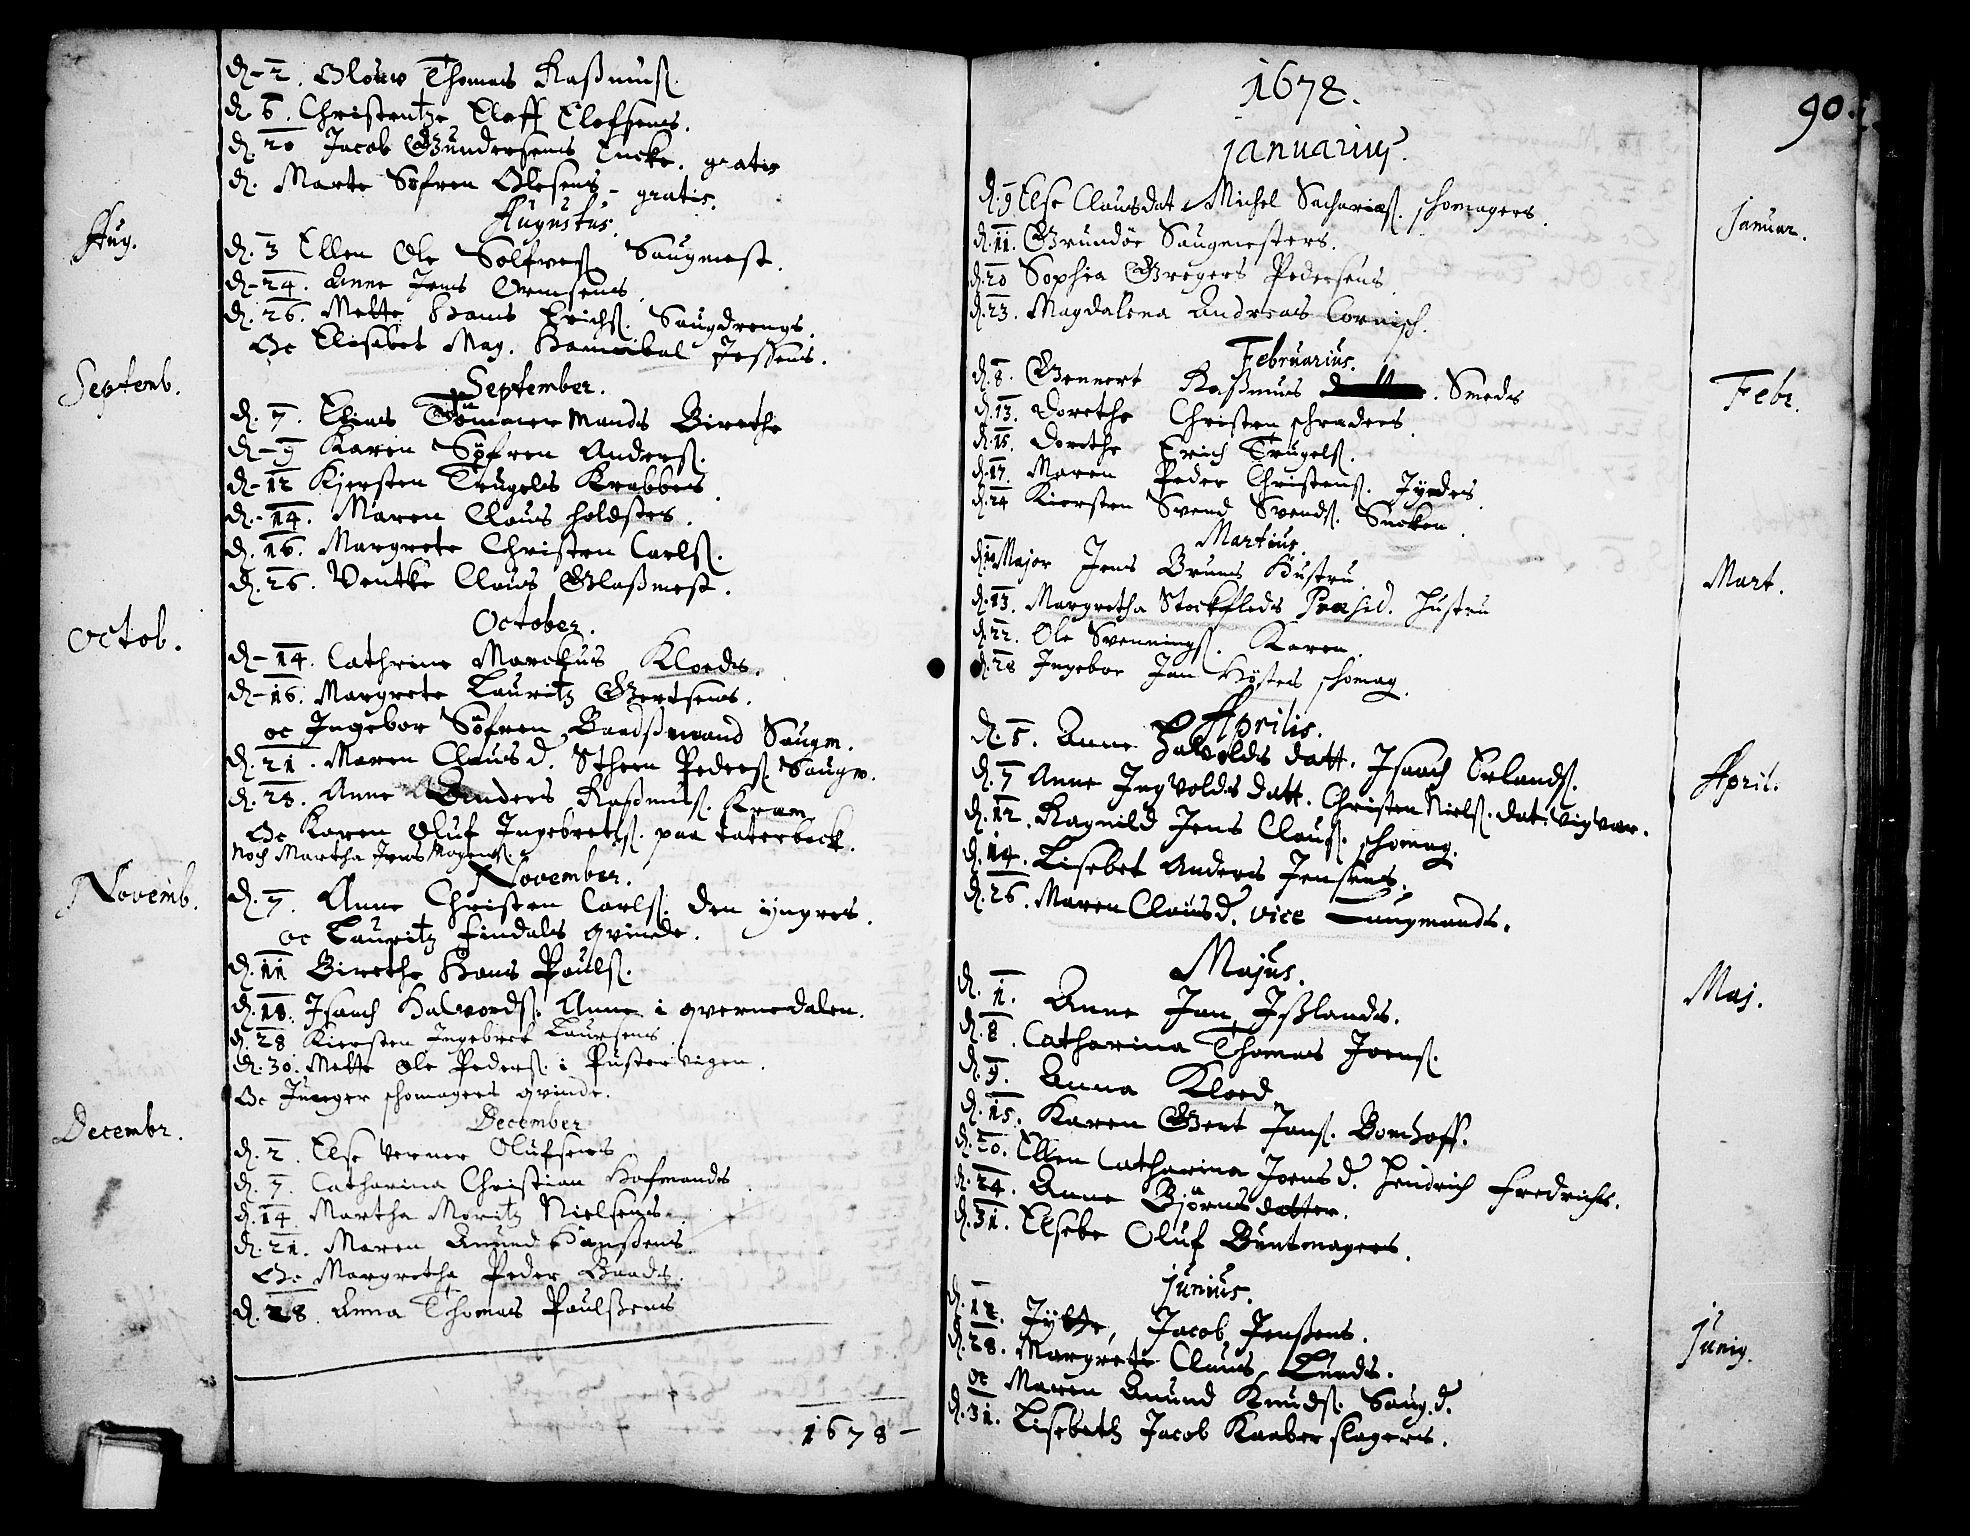 SAKO, Skien kirkebøker, F/Fa/L0001: Ministerialbok nr. 1, 1659-1679, s. 90